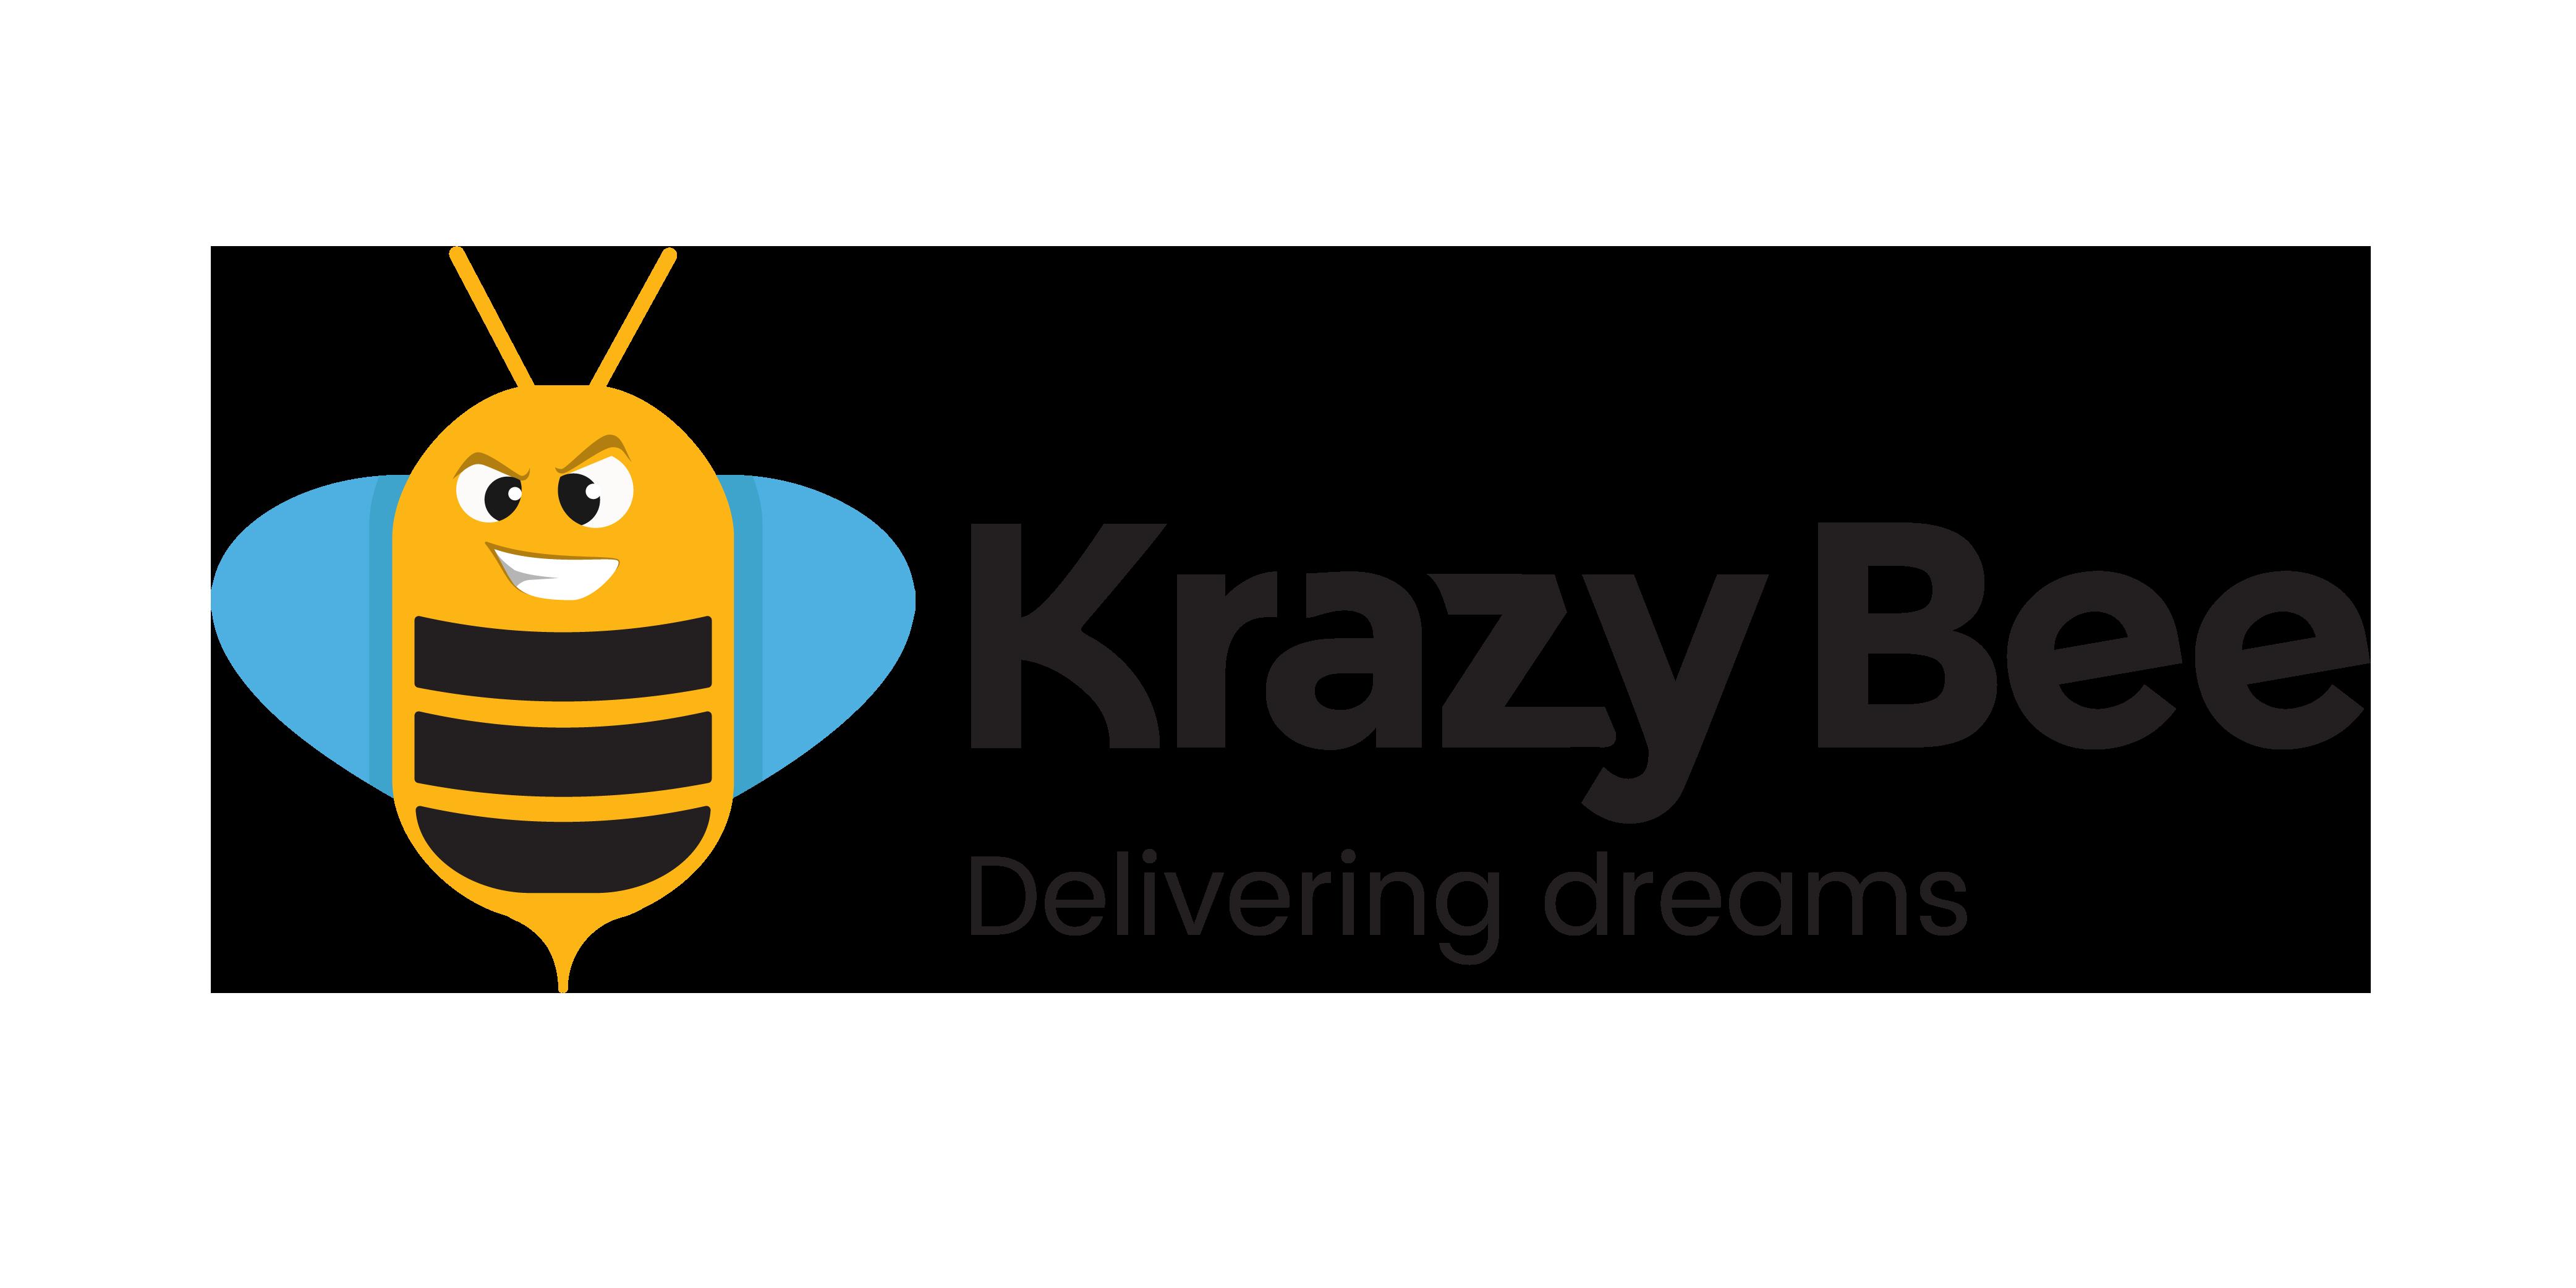 KrazyBee Raises $8 Million Fun...